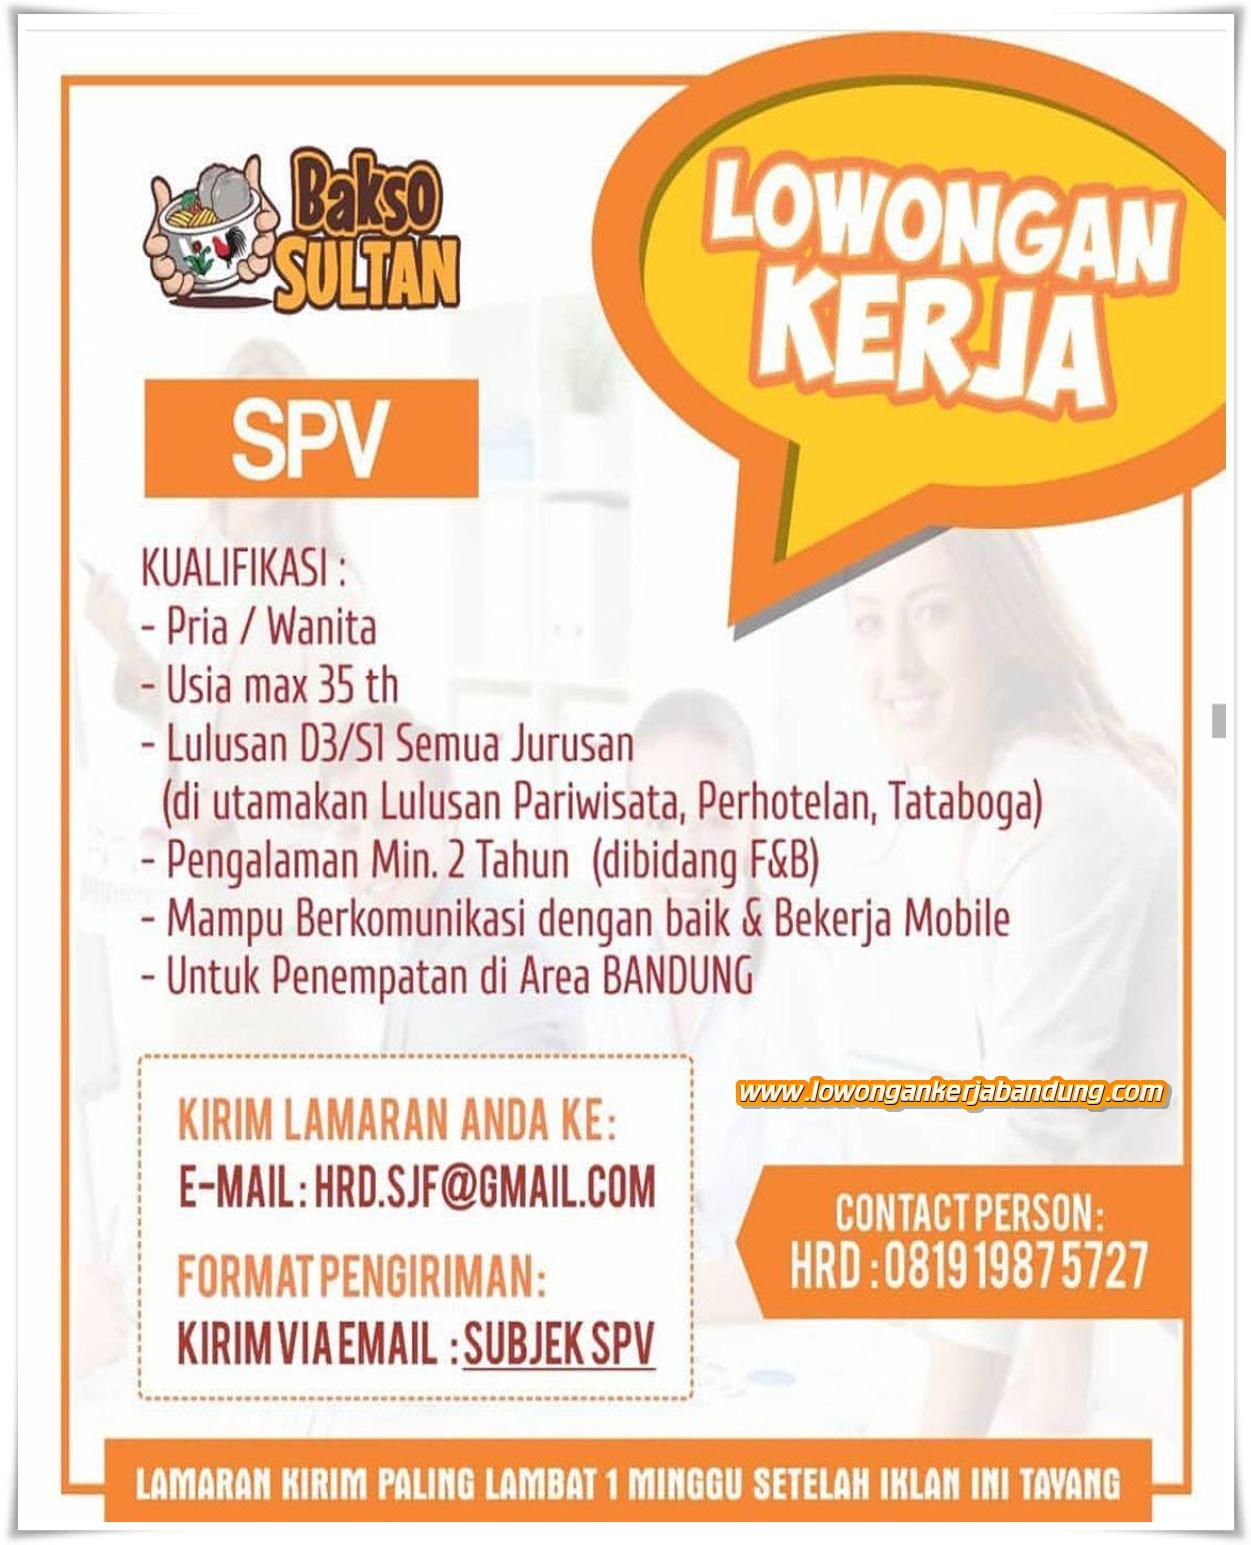 Lowongan Kerja Karyawan Supervisor Kedai Bakso Sultan Lowongan Kerja Bandung Lowongankerjabandung Com